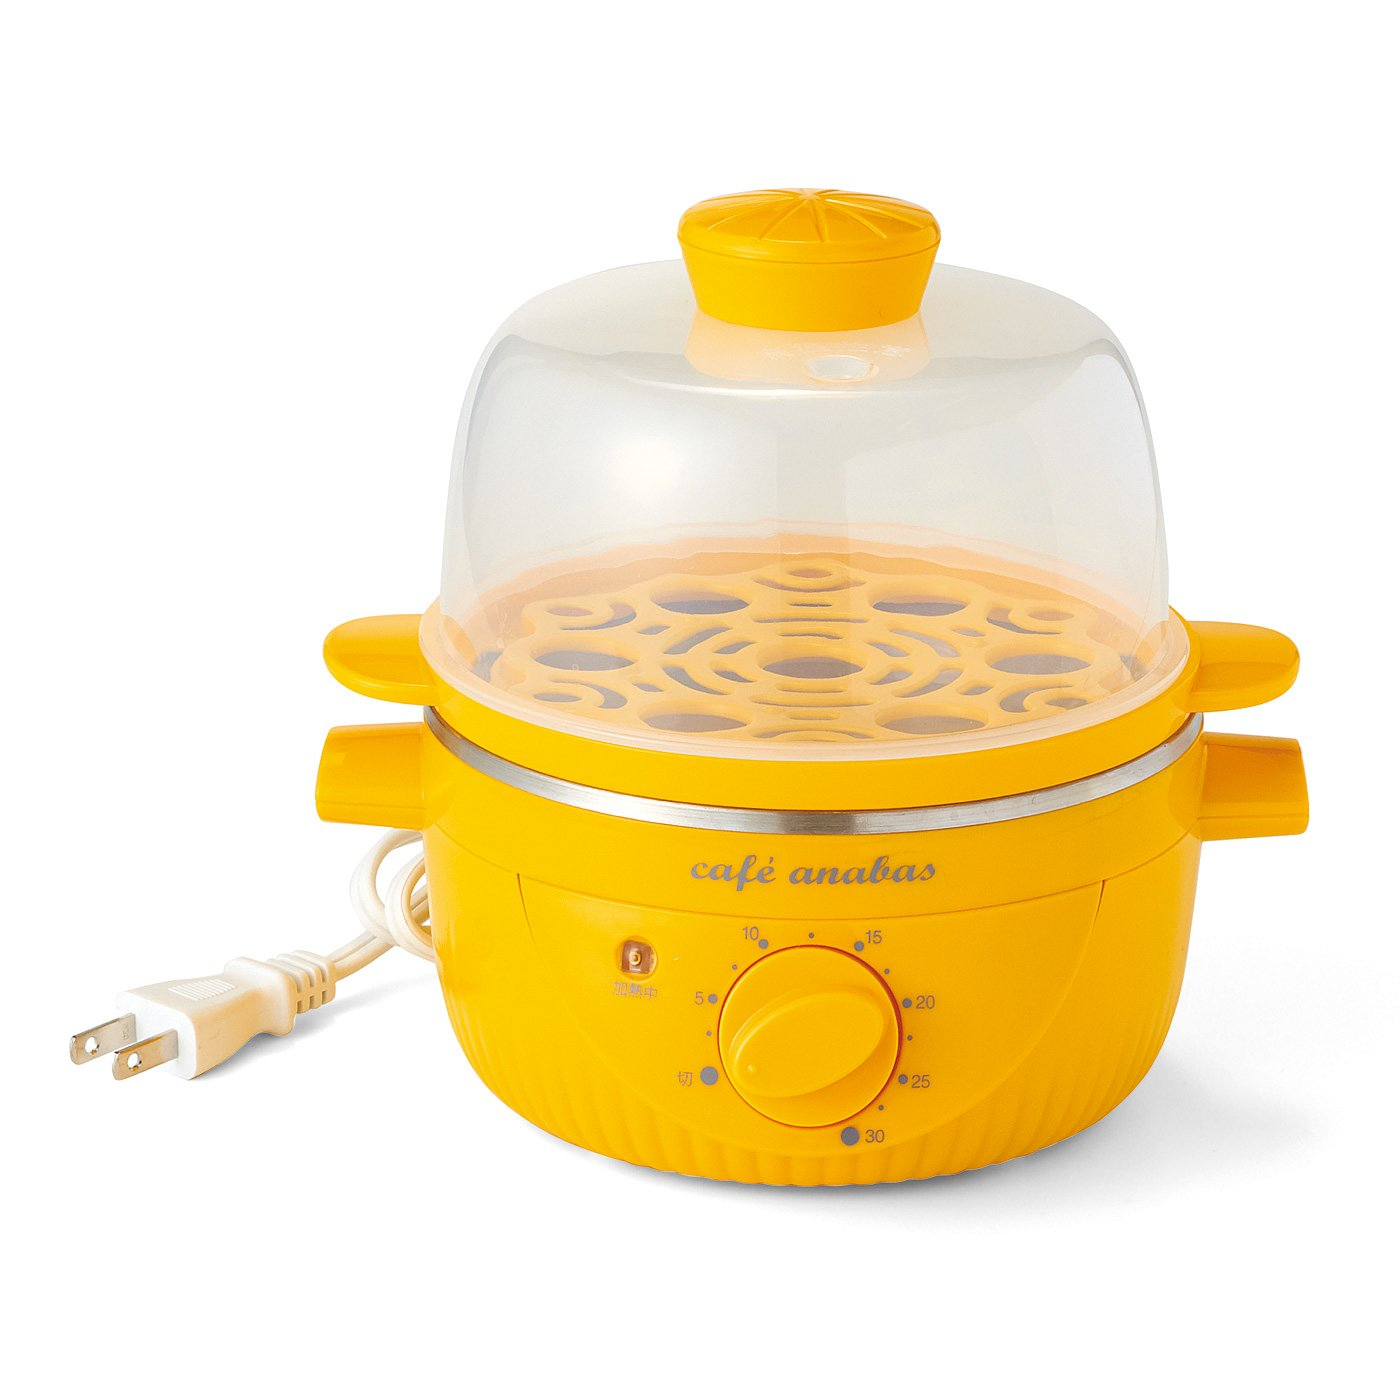 ゆで卵も蒸し野菜も作れる 簡単タイマー付き蒸し器